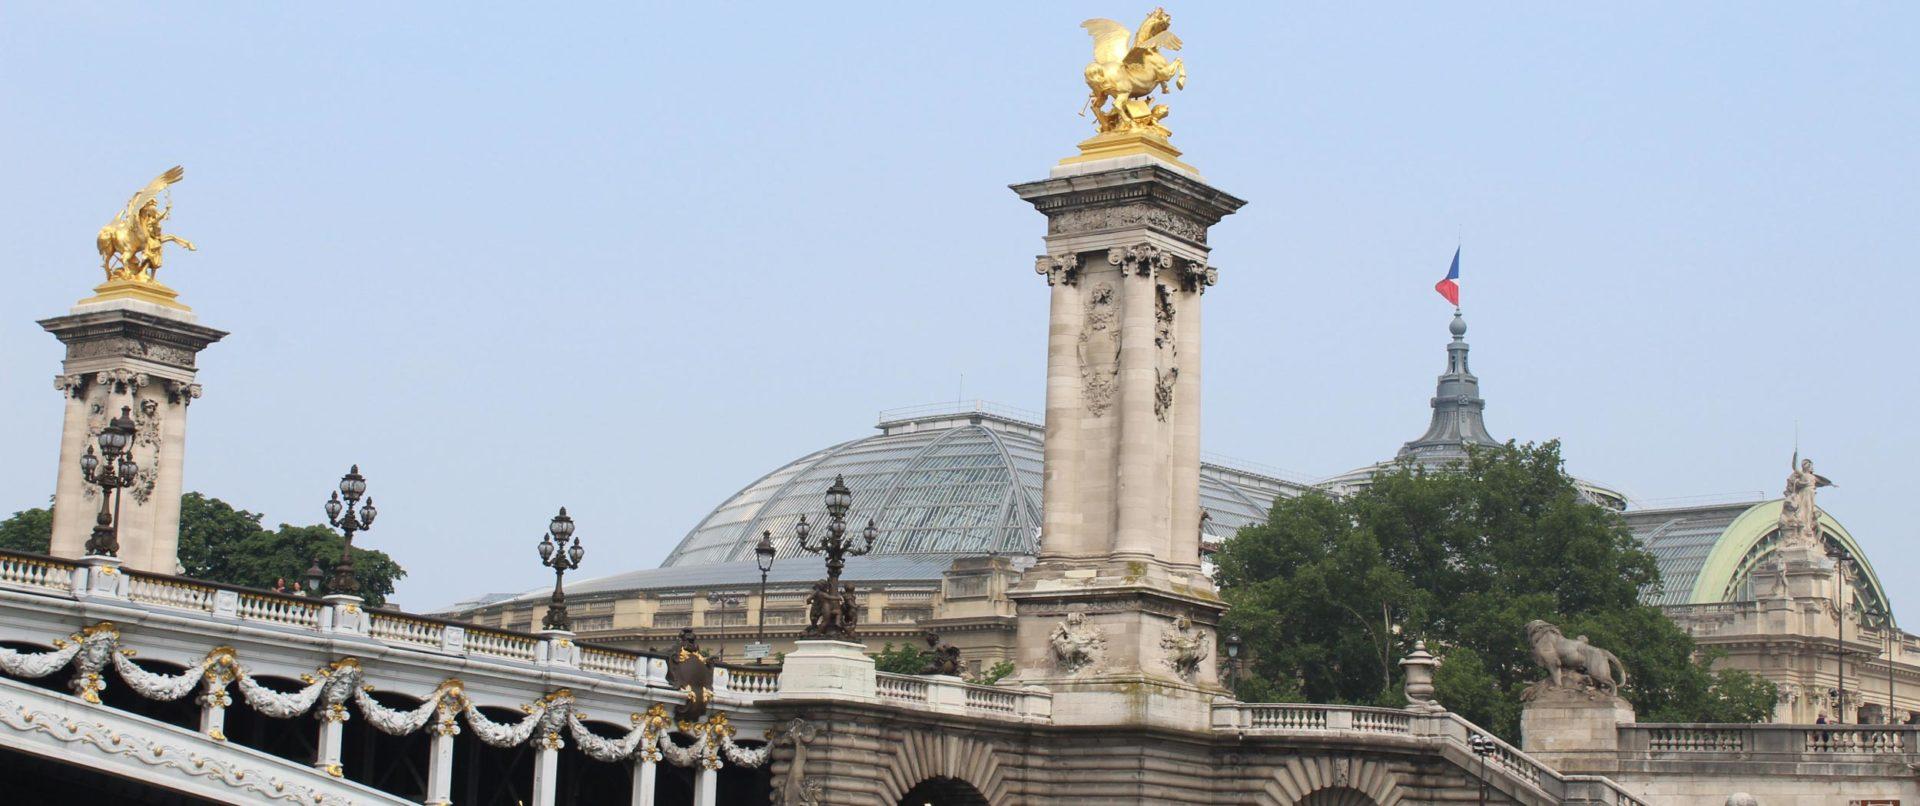 paris-riparis-river-cruise-family-private-activityver-cruise-family-private-activity